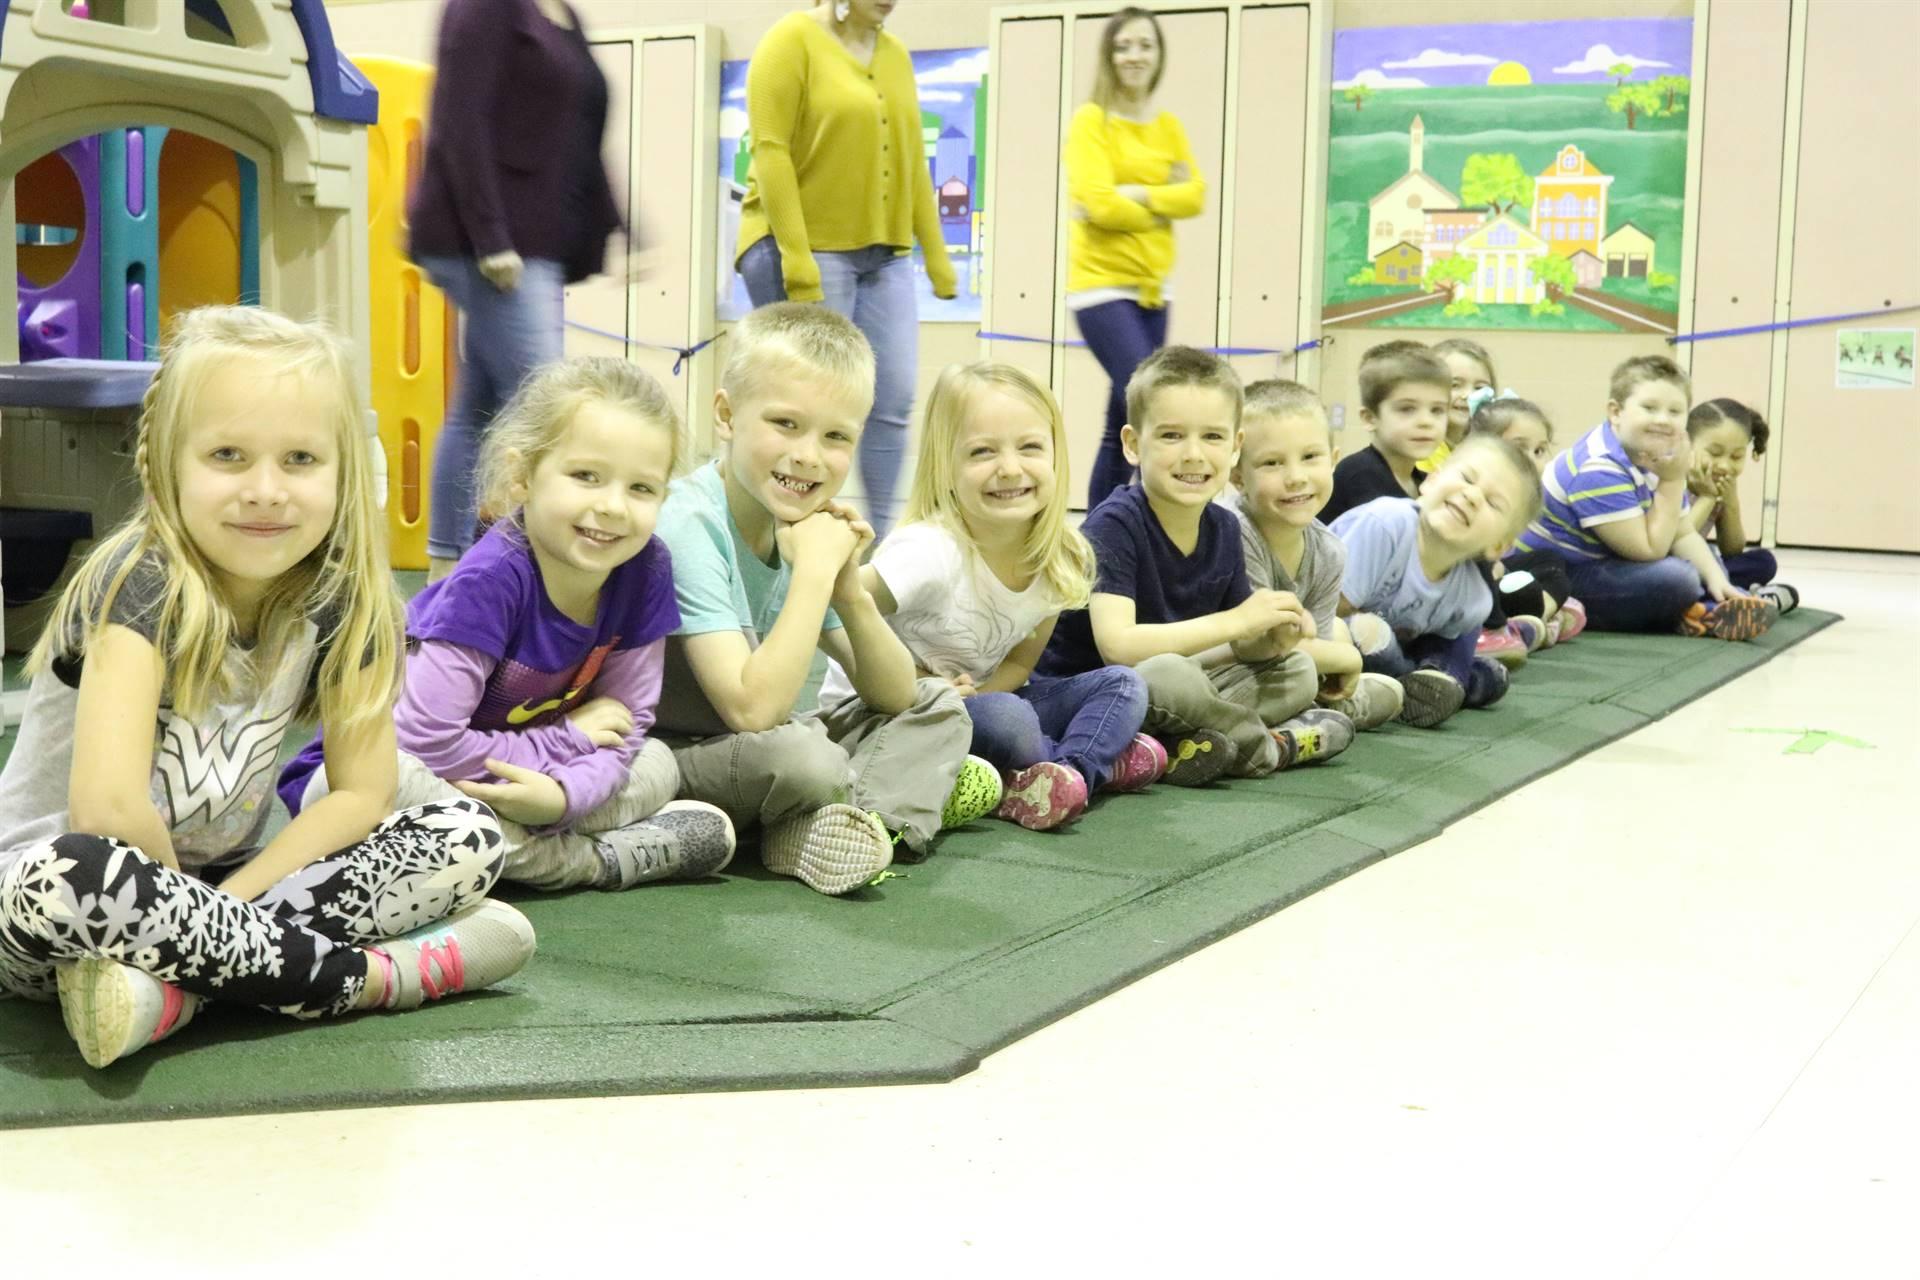 line of 12 kids sitting on floor